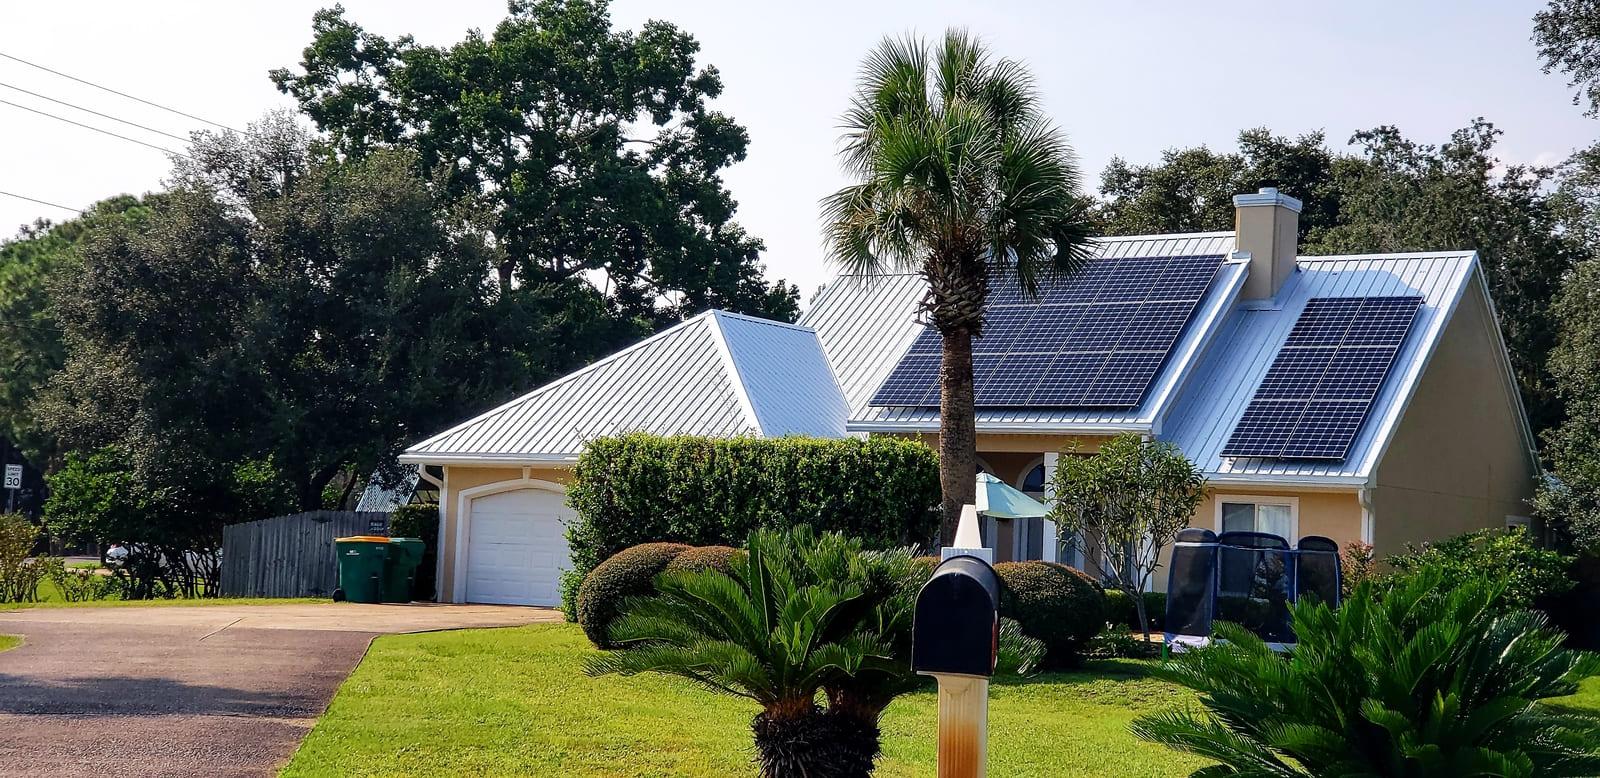 Ahorro y eficiencia energética A+++